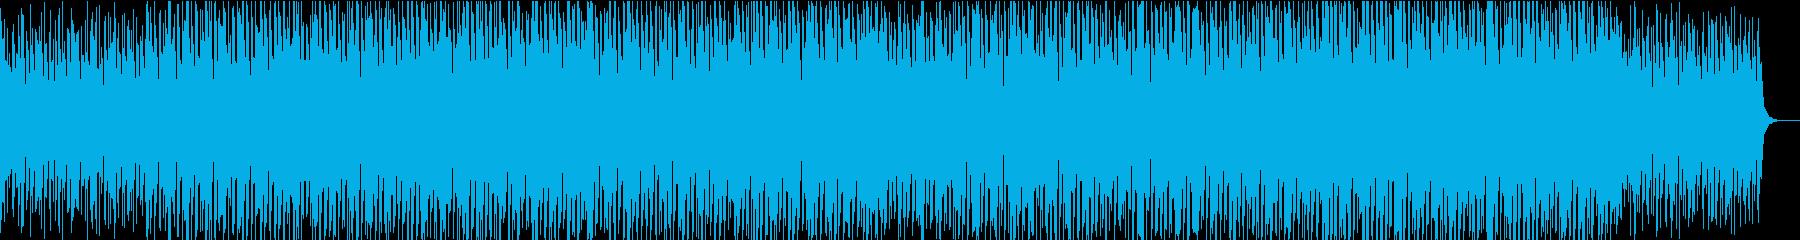 おしゃれでキラキラなエレクトロポップの再生済みの波形